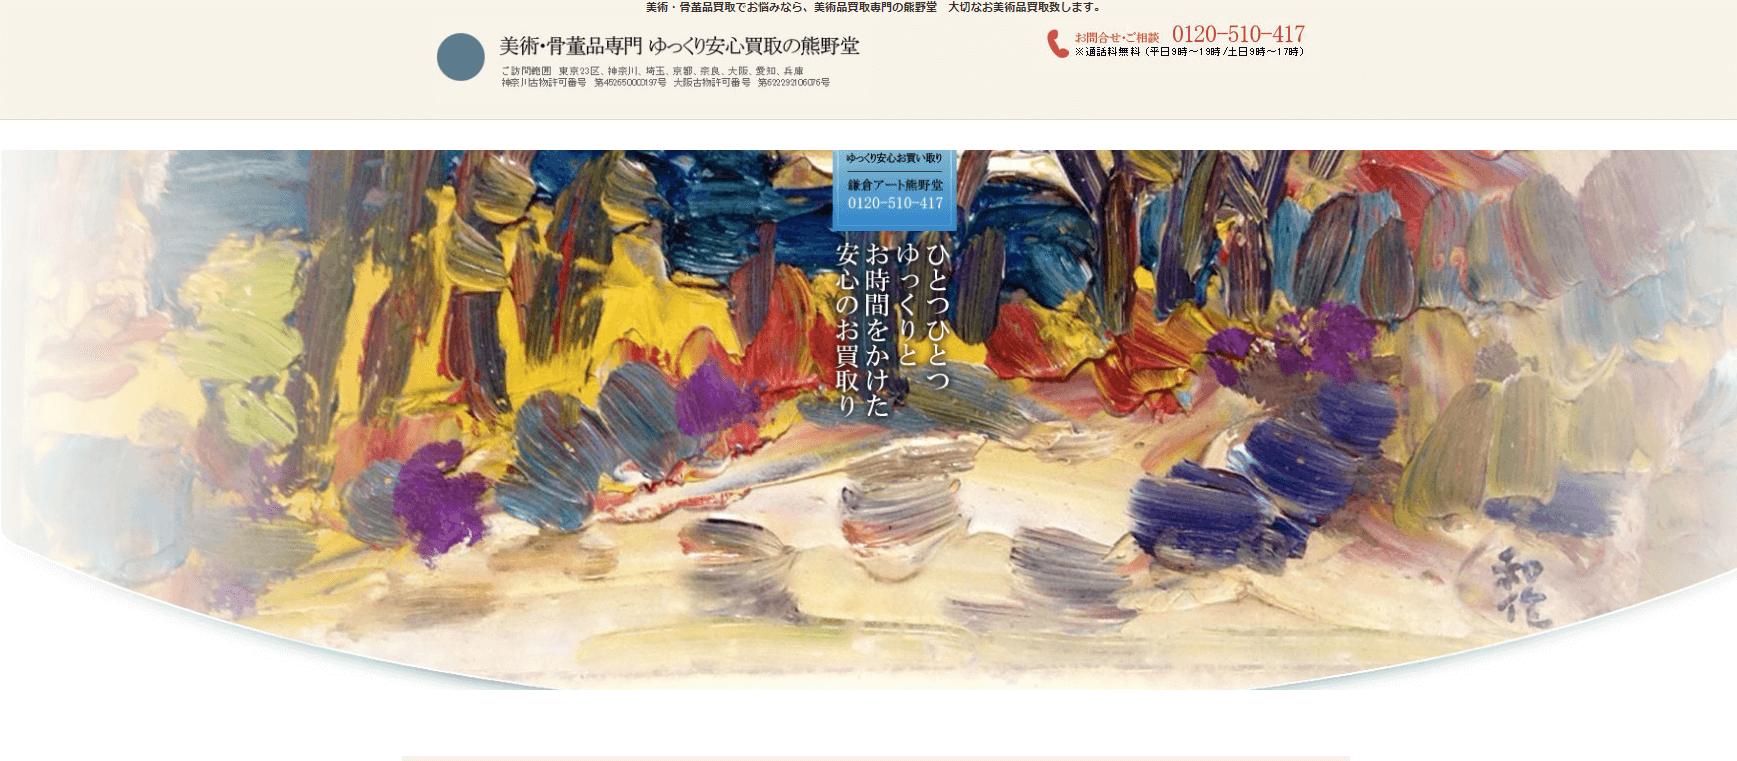 アート熊野堂